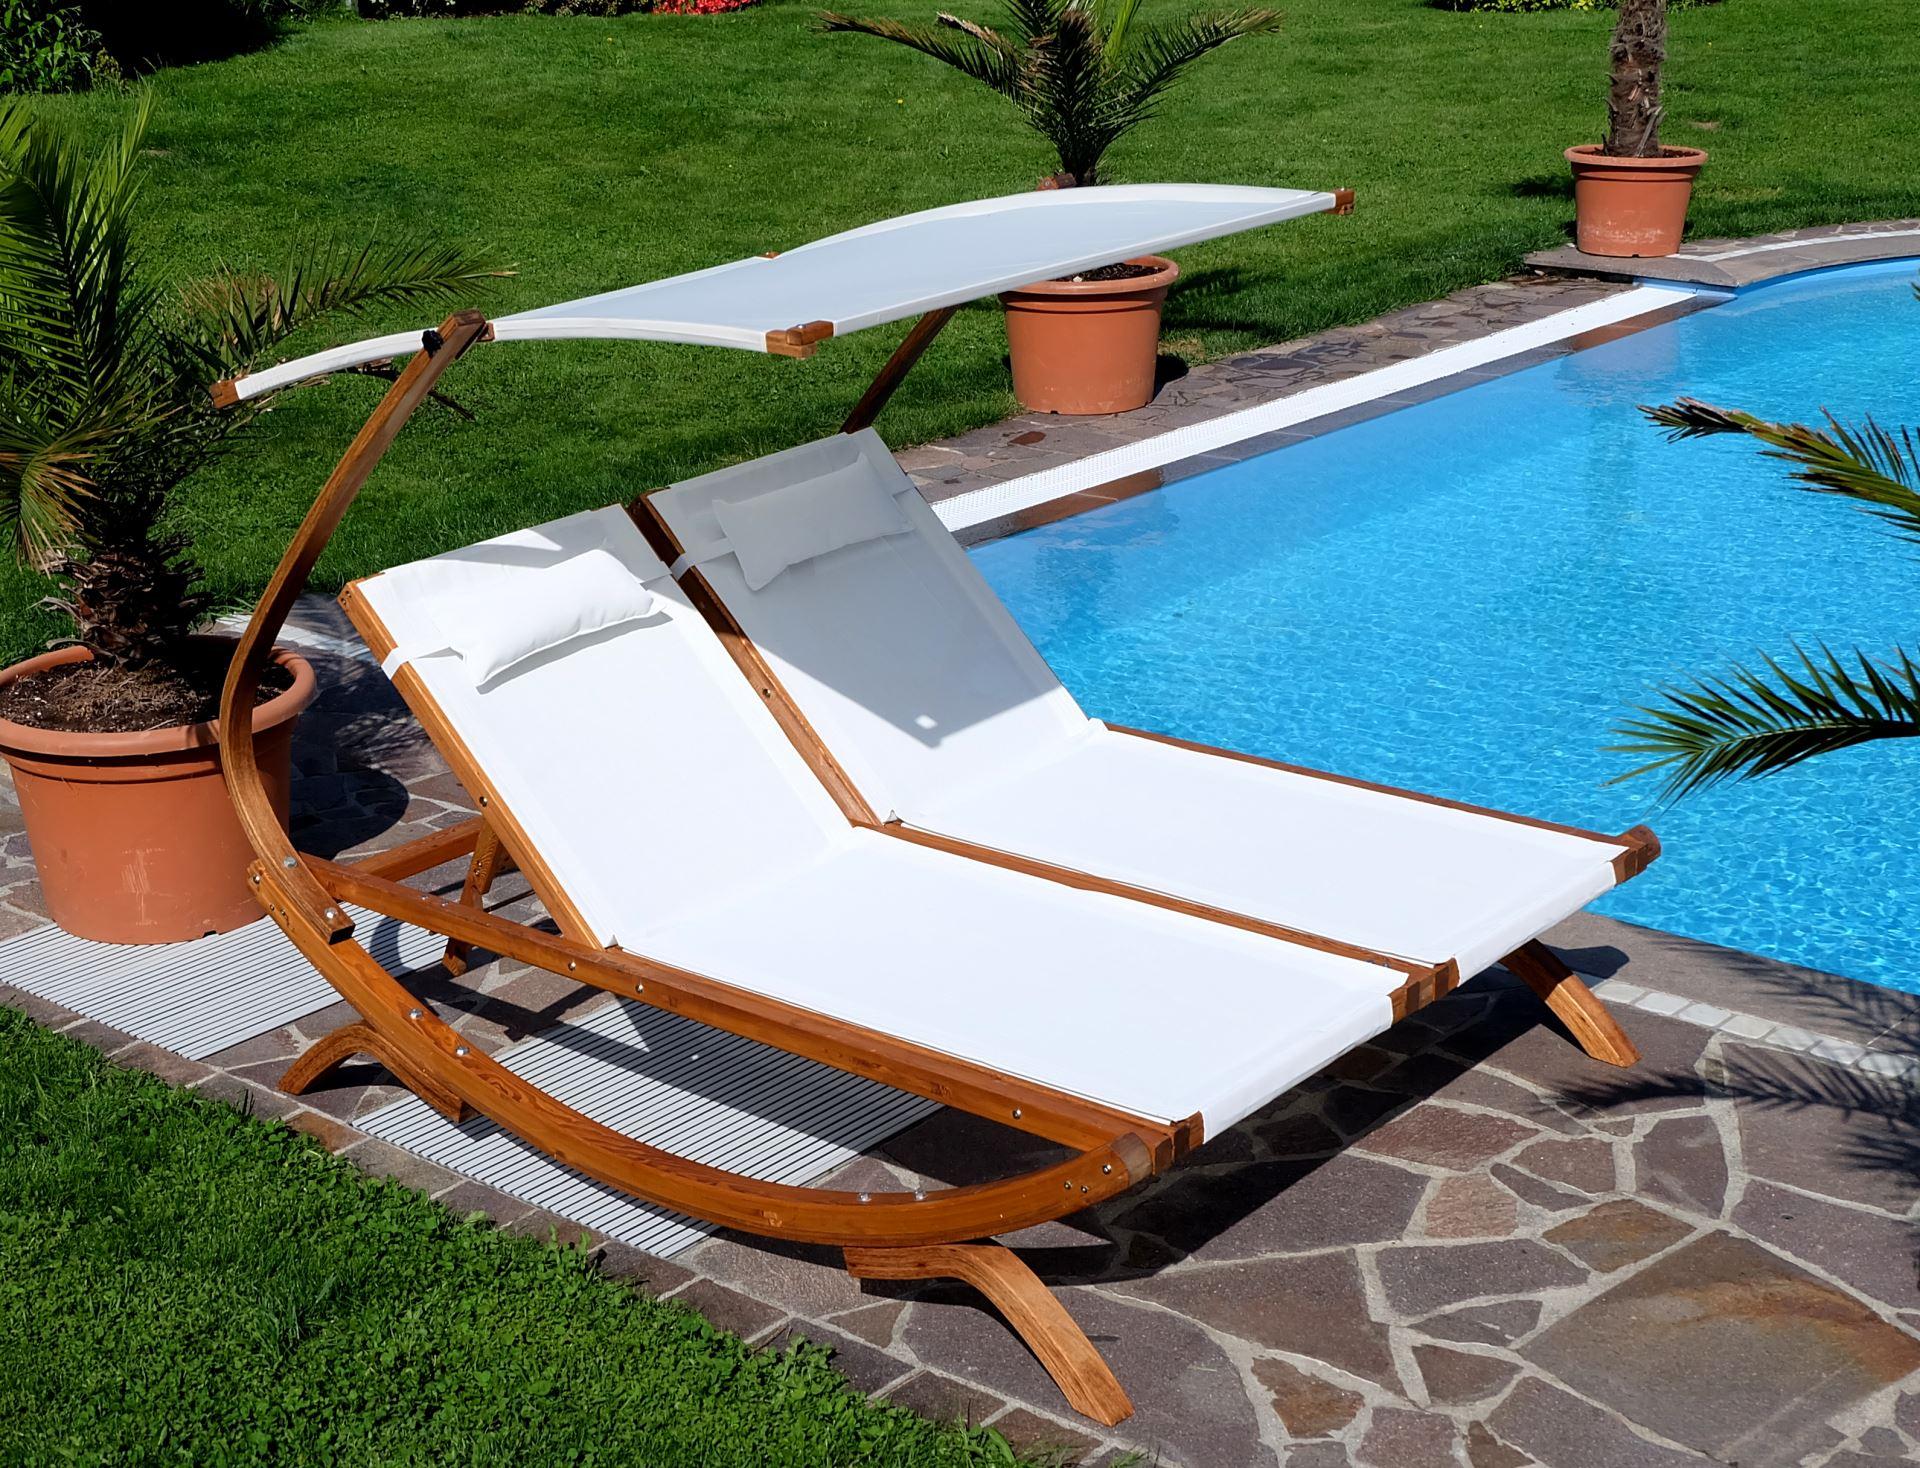 doppel sonnenliege tulum extrabreit f r 2 personen mit verstellbarem dach aus holz l rche. Black Bedroom Furniture Sets. Home Design Ideas